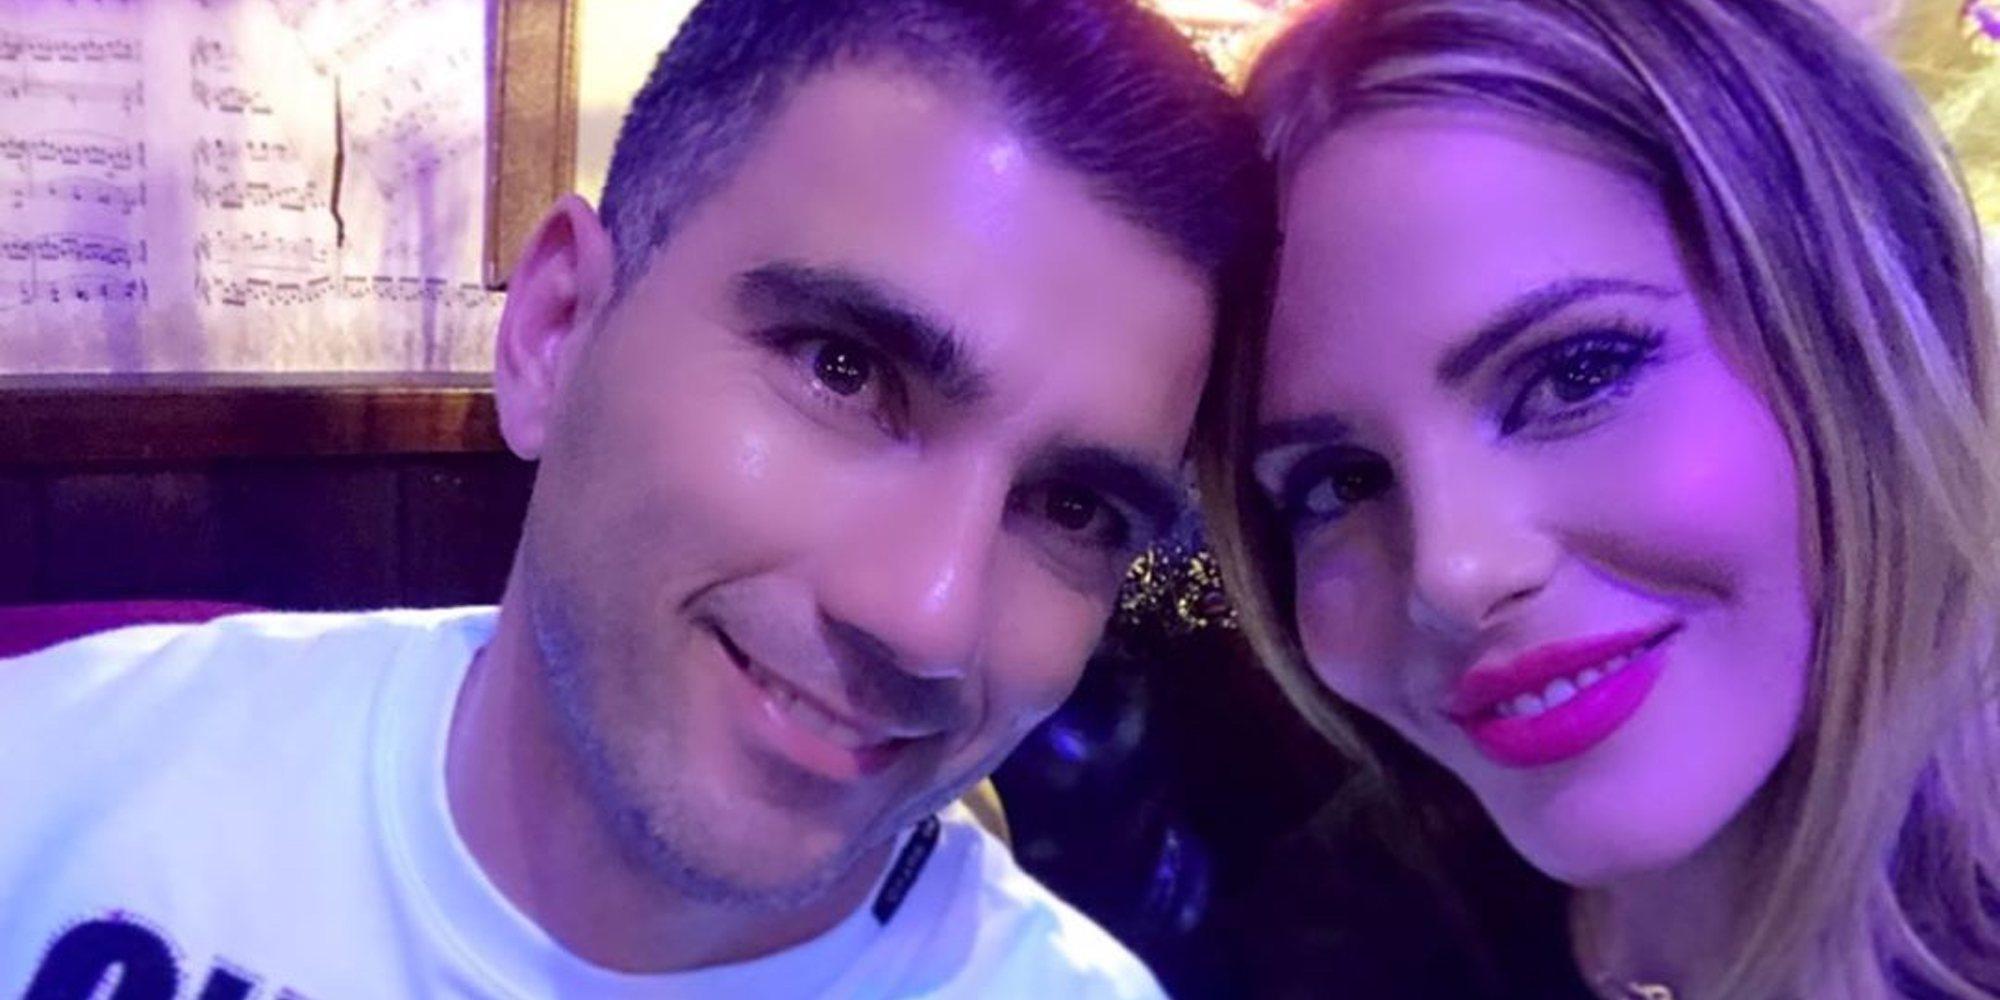 """Noelia López, la viuda de José Antonio Reyes, concede su primera entrevista tras su muerte: """"Él era todo"""""""